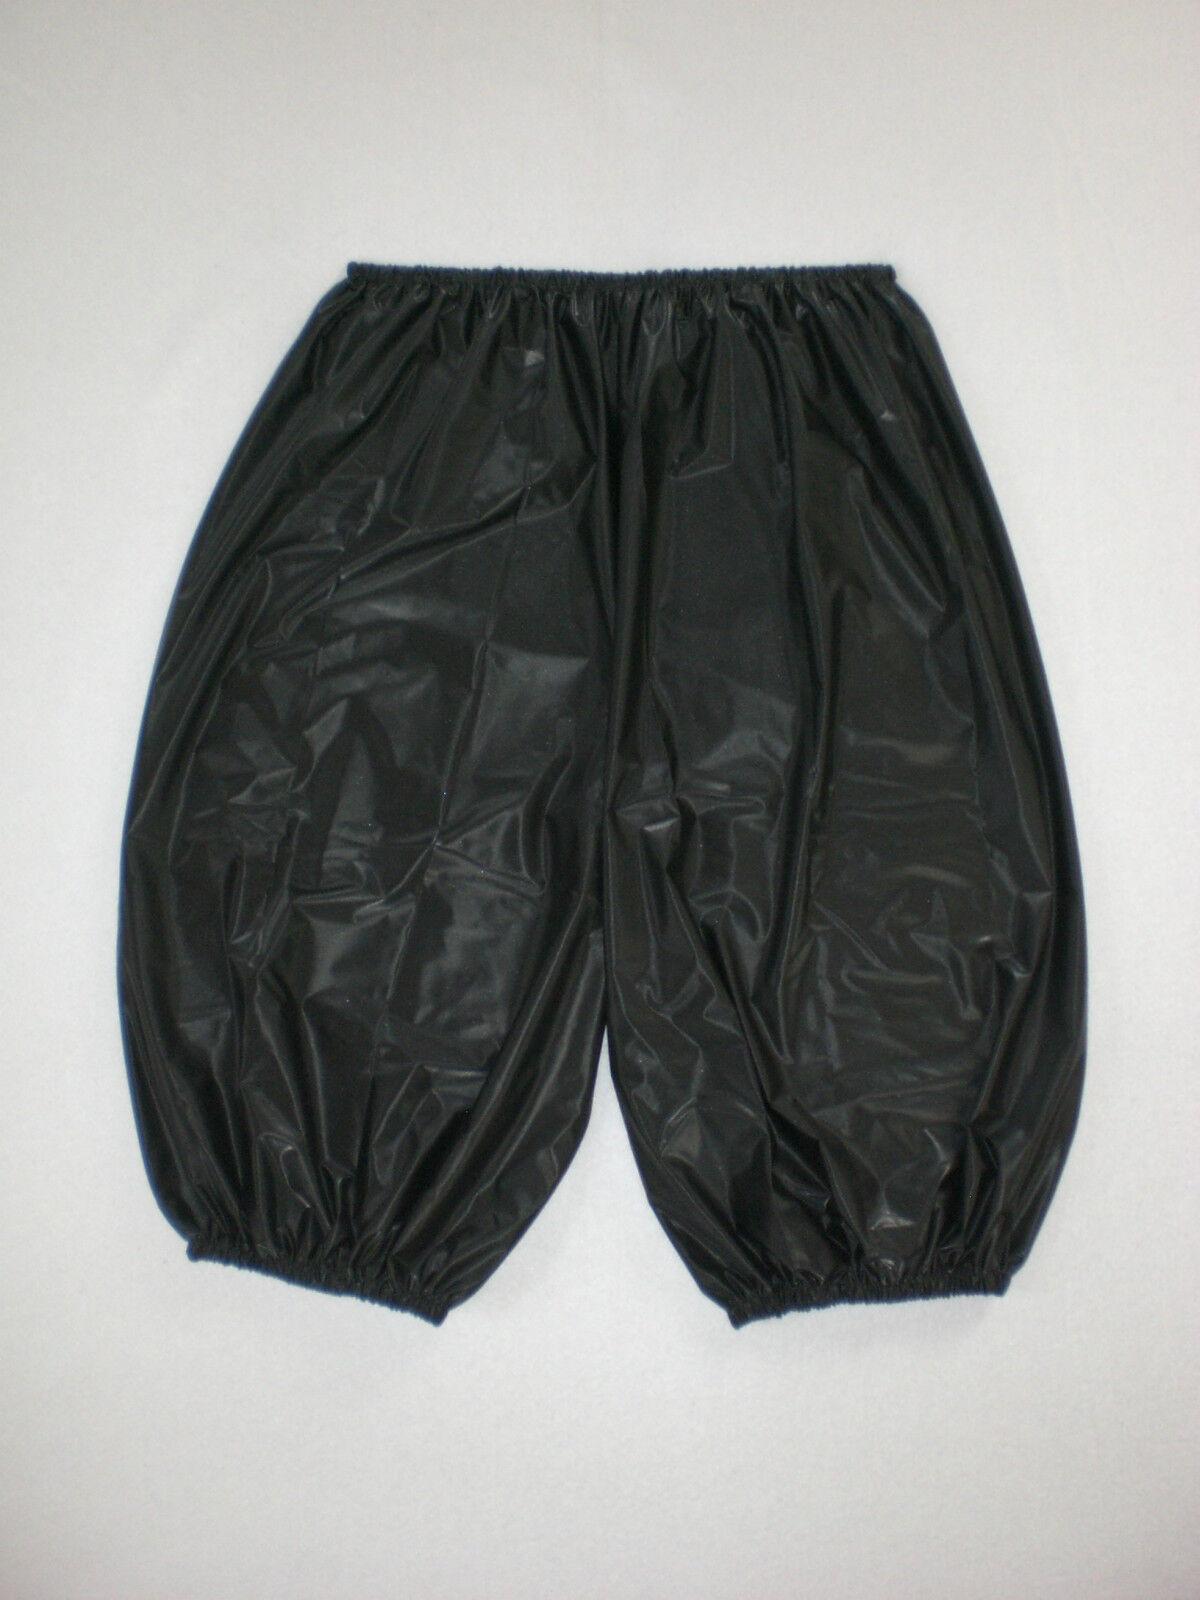 ULTRA SOFT PVC SAUNA RADLER SHORTS SWEAT PANTS  L XL XXL XXXL